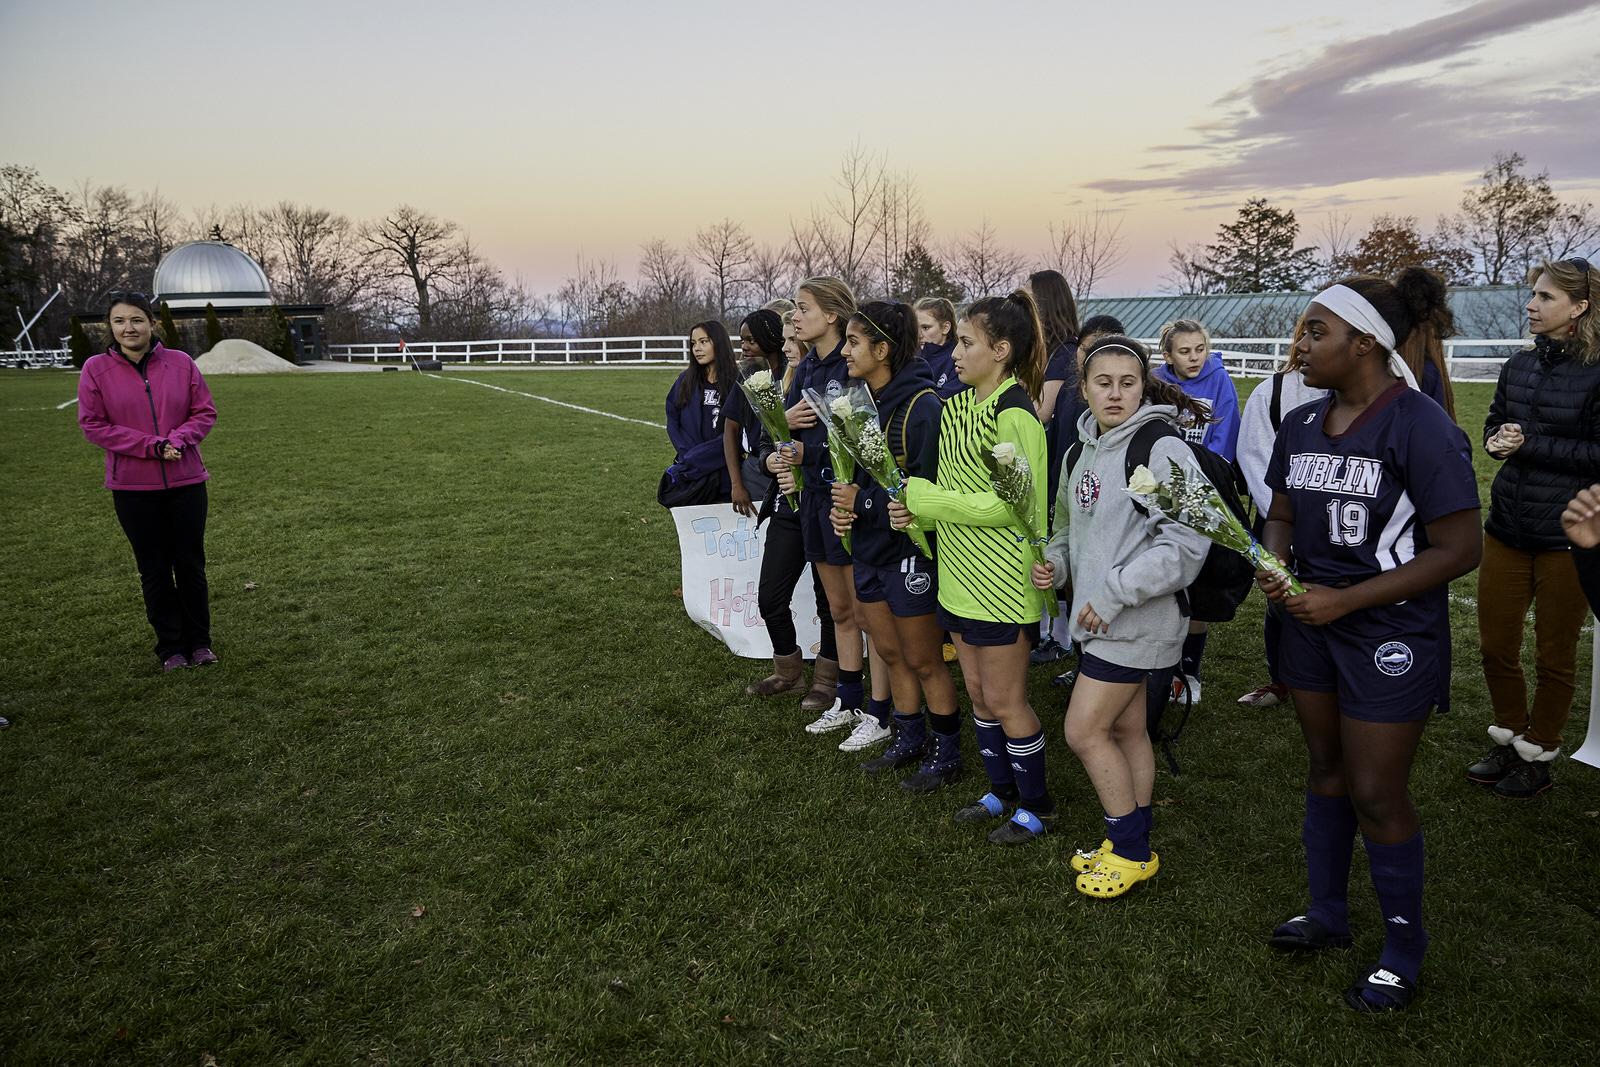 Girls Varsity Soccer vs. White Mountain School - November 7, 2018 - Nov 07 2018 - 0052.jpg